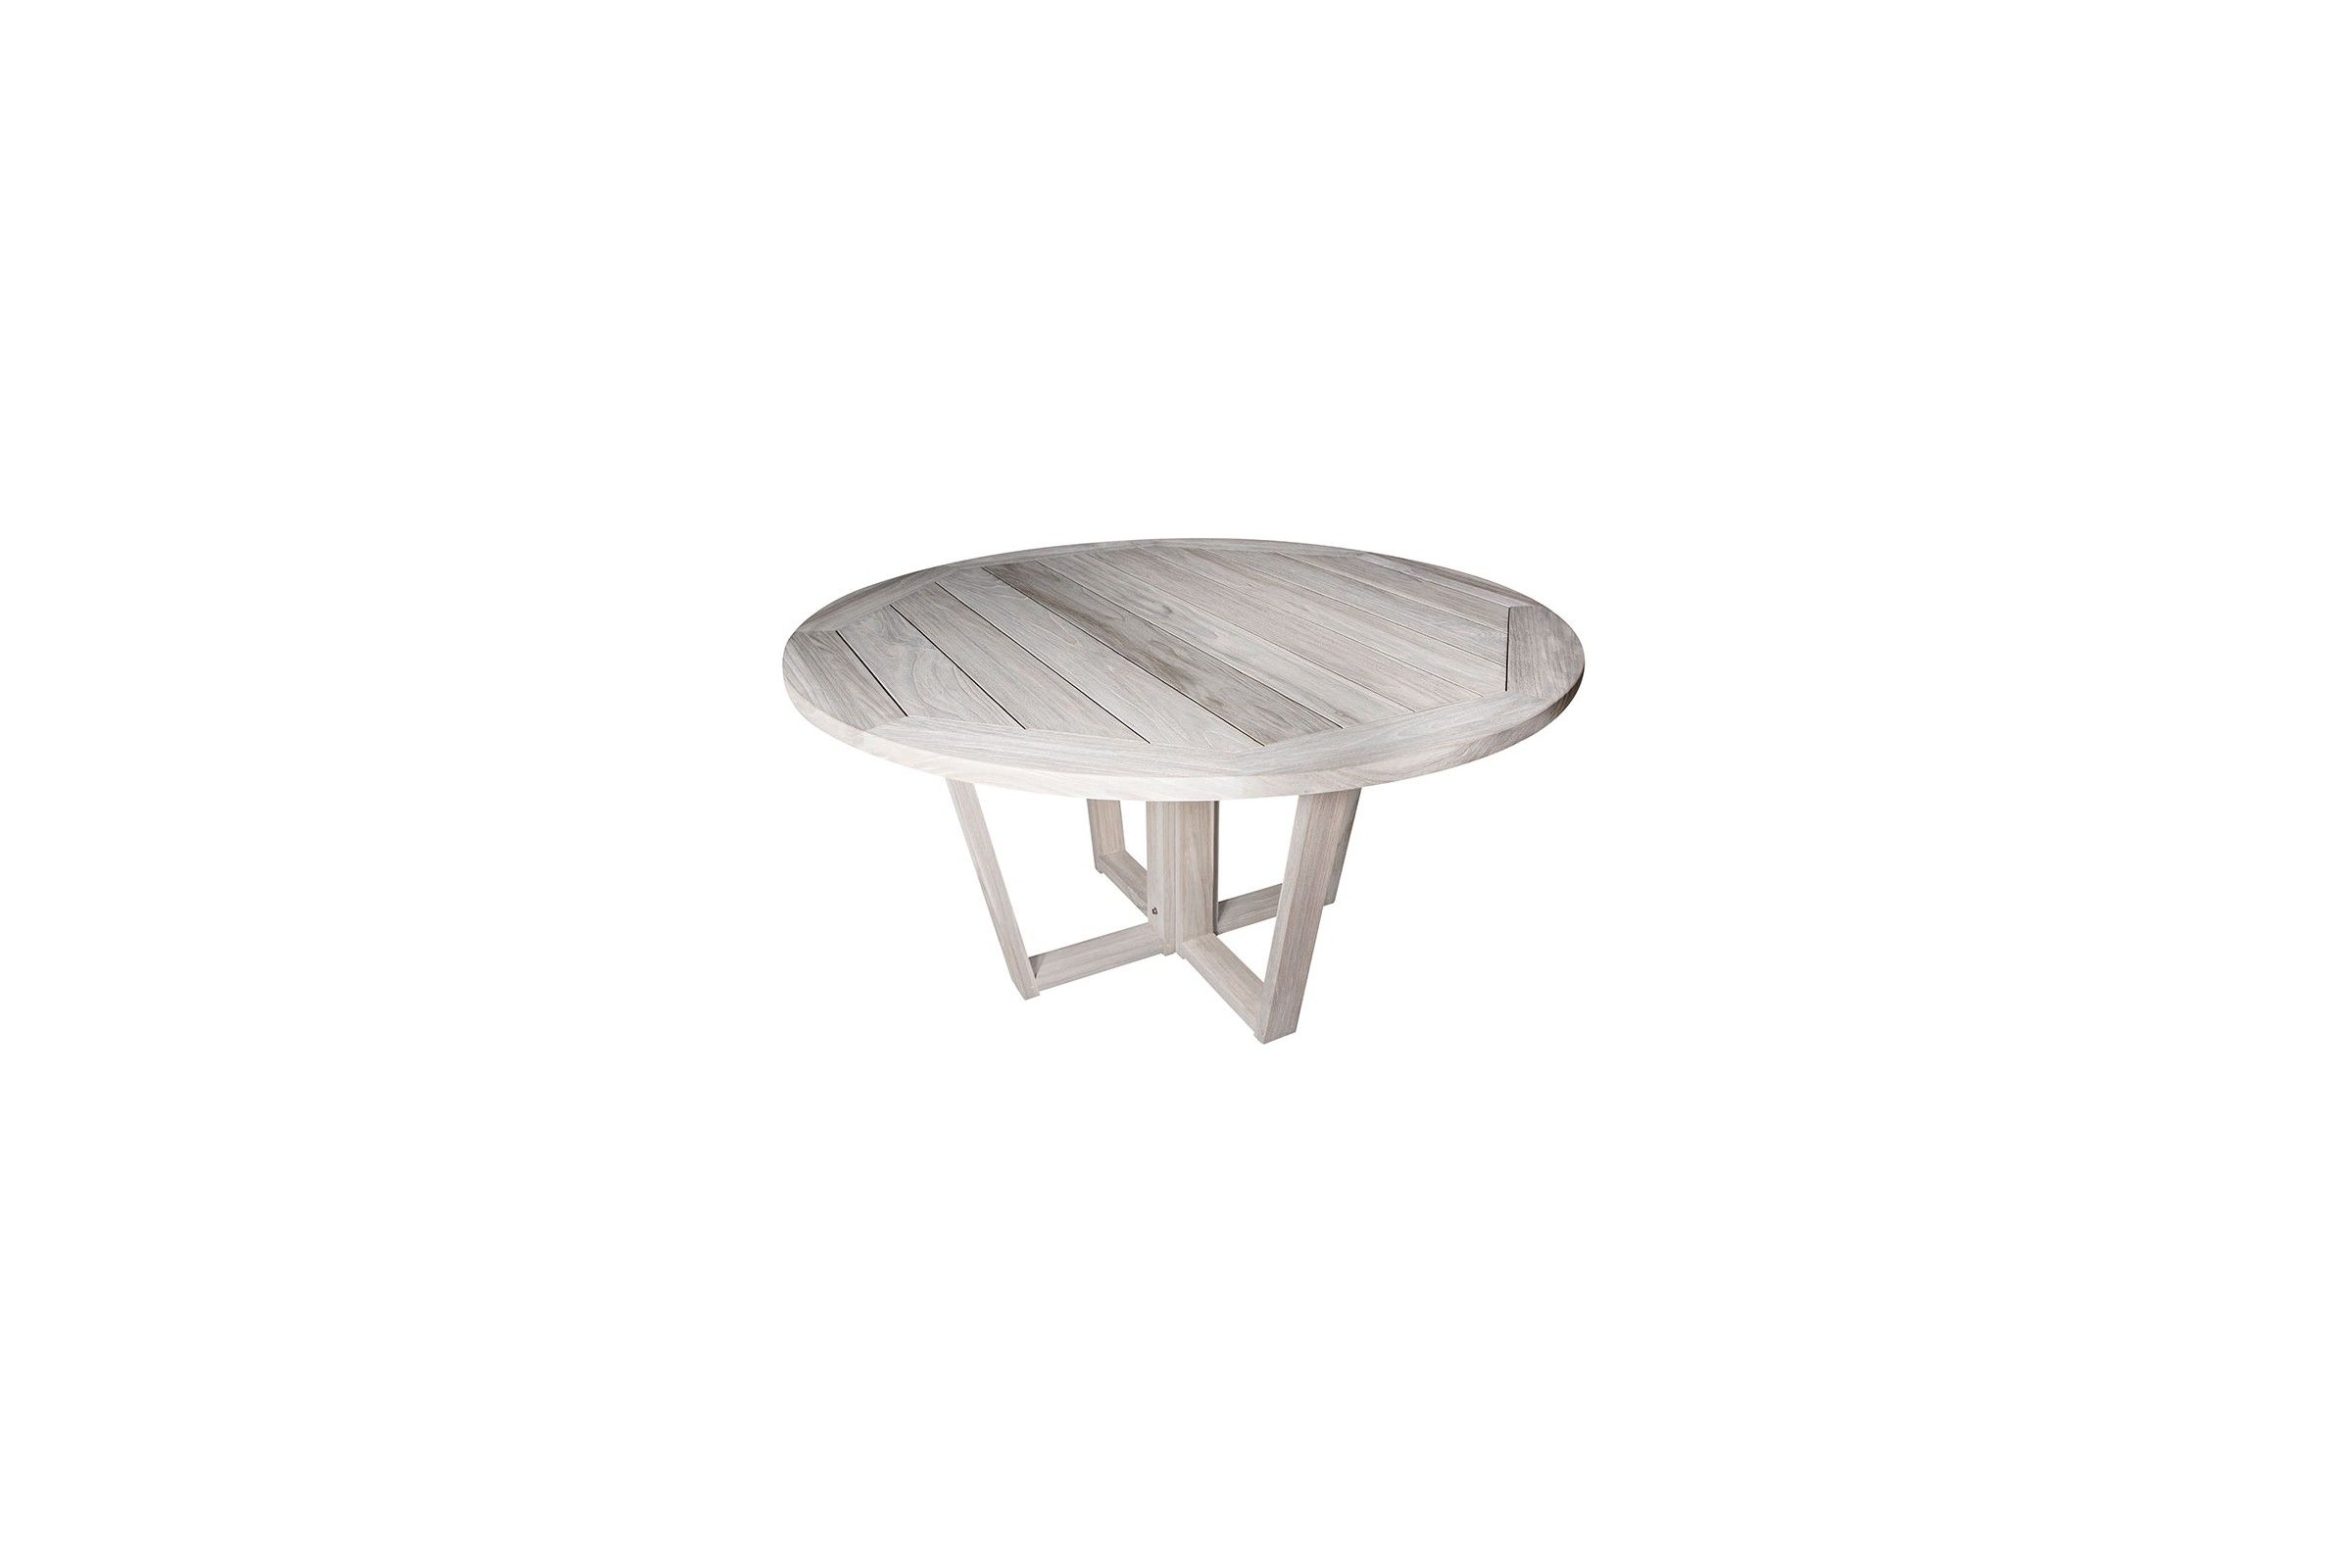 table ronde en vieux teck massif finition d lav e d 150 cm 8 10 couverts la galerie du teck. Black Bedroom Furniture Sets. Home Design Ideas